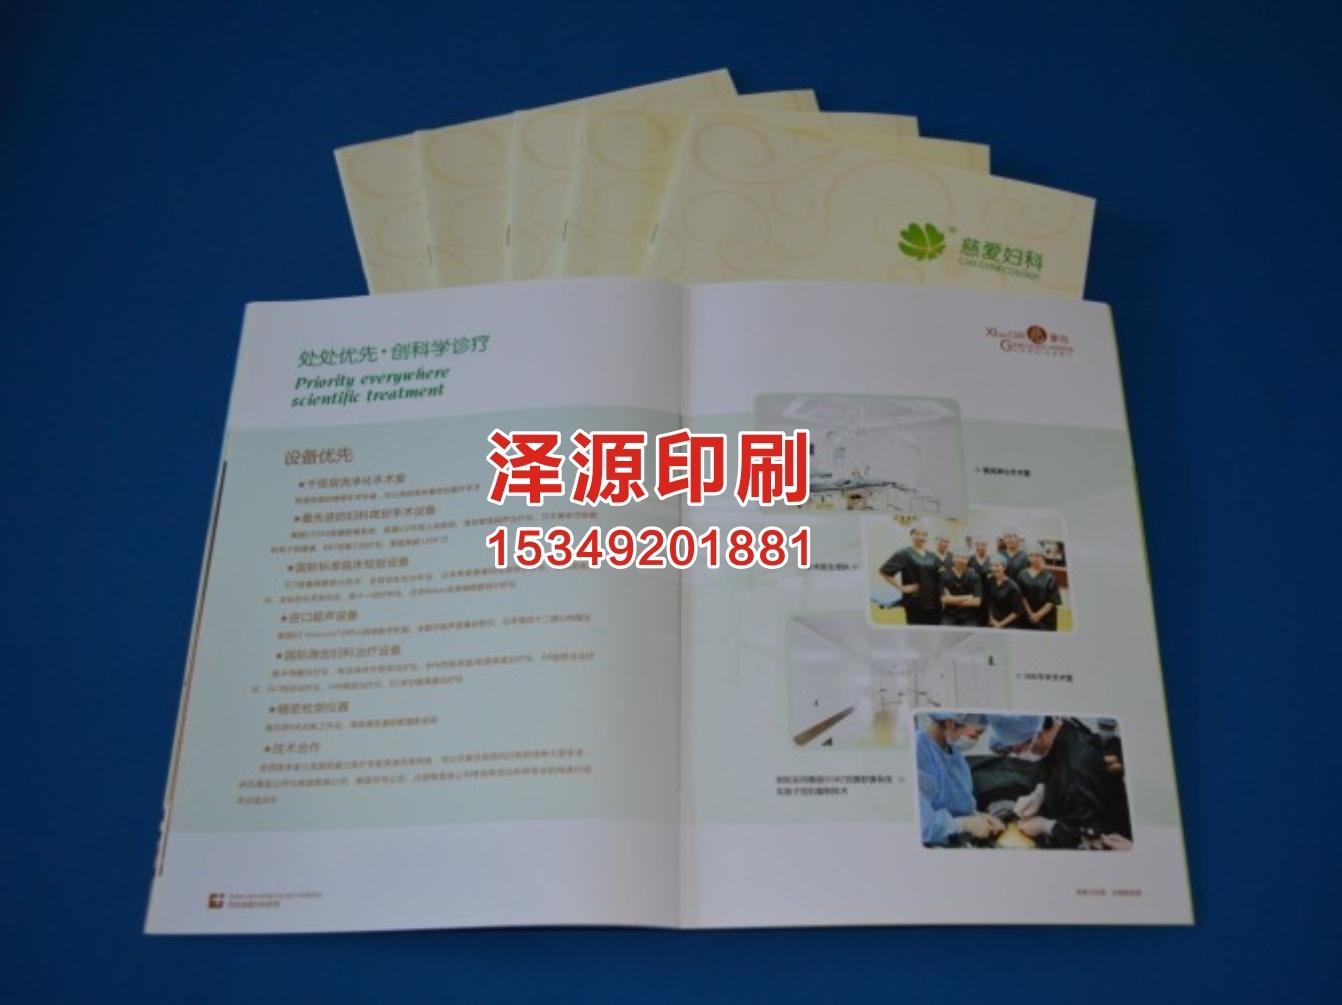 西安标识牌制作处理工艺-丝网印刷 行业新闻 丰雄广告第2张